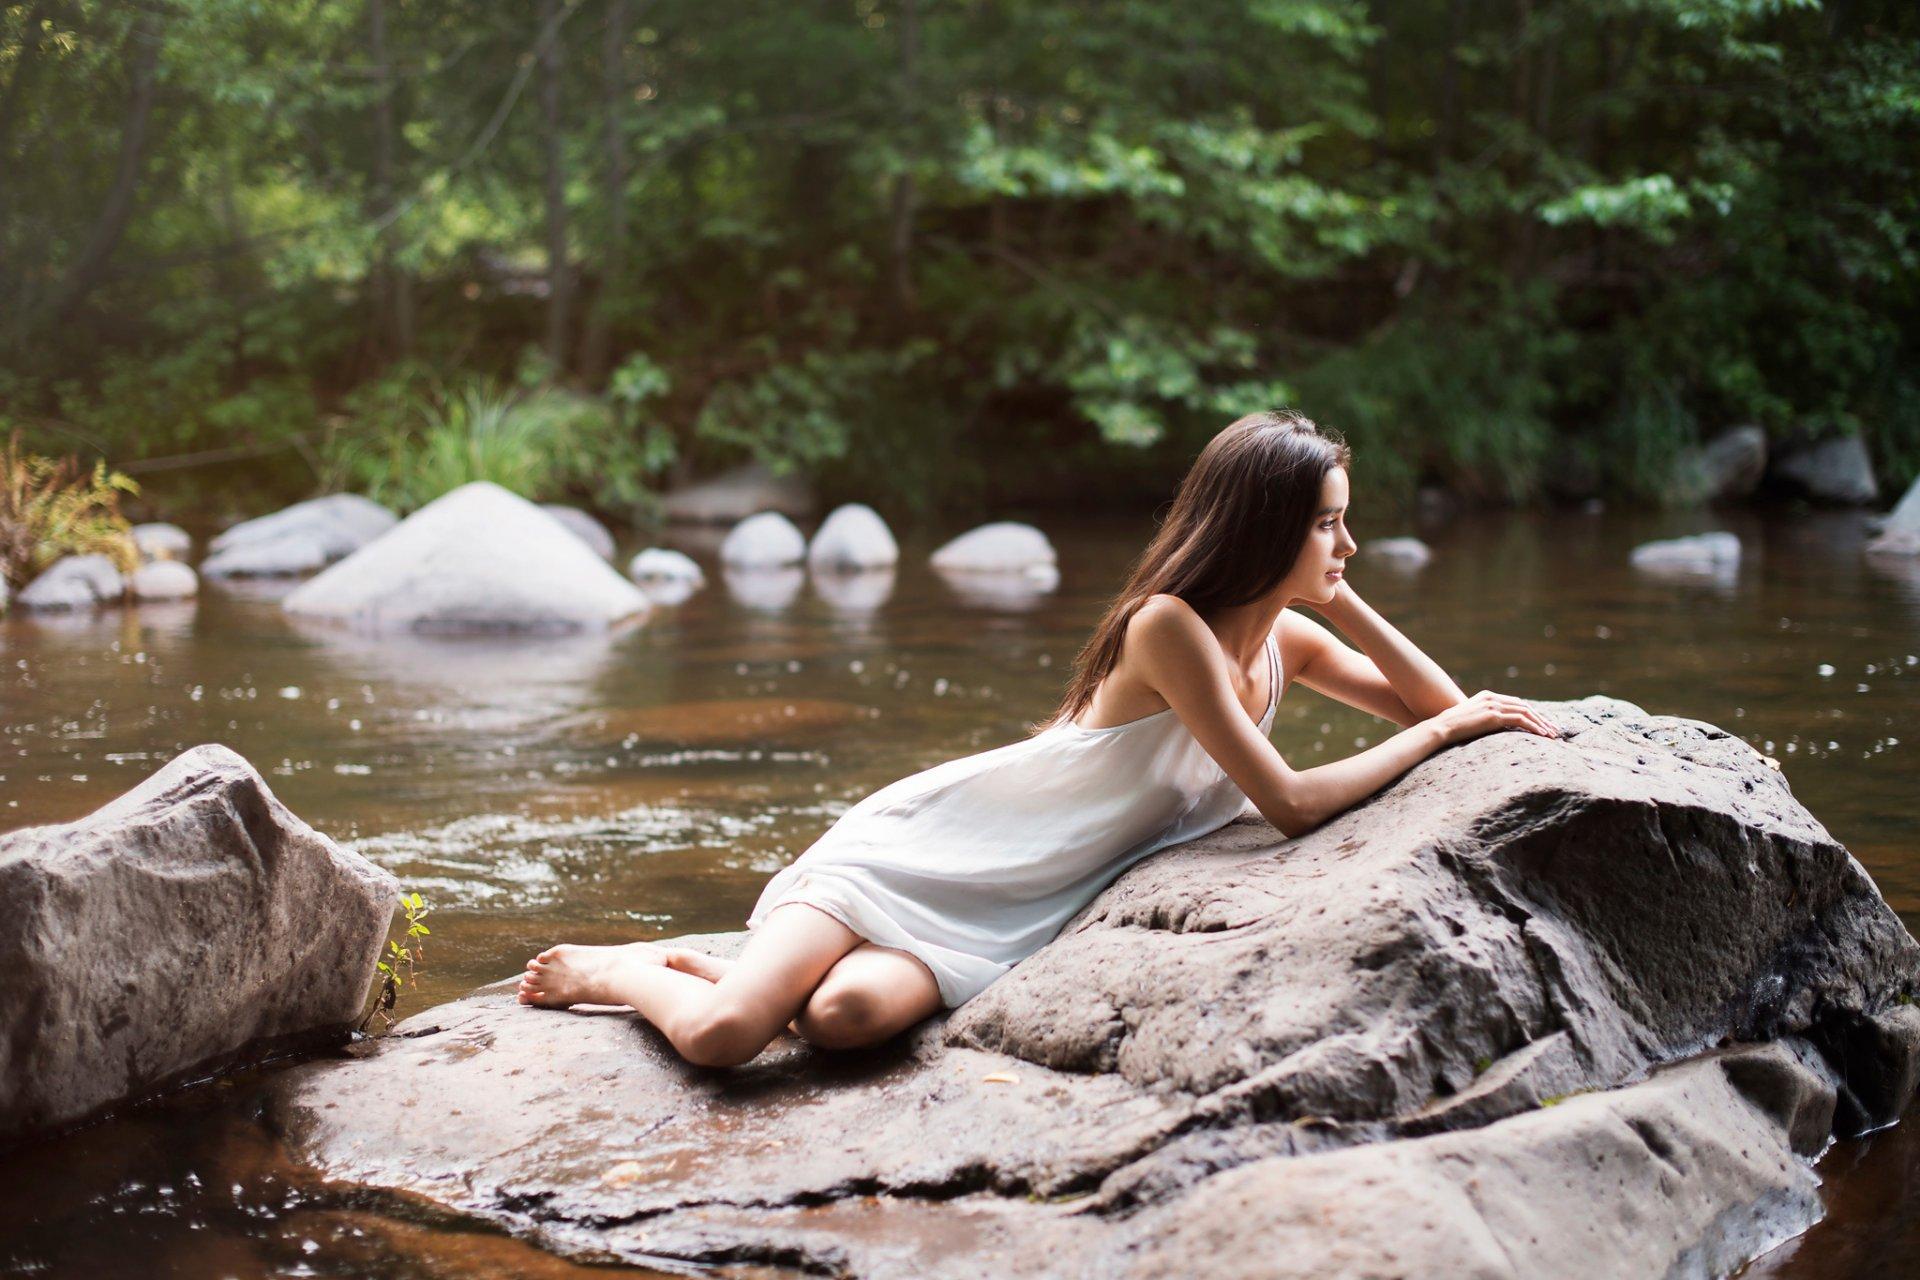 Молодая красавица снимается на булыжниках в воде  46029